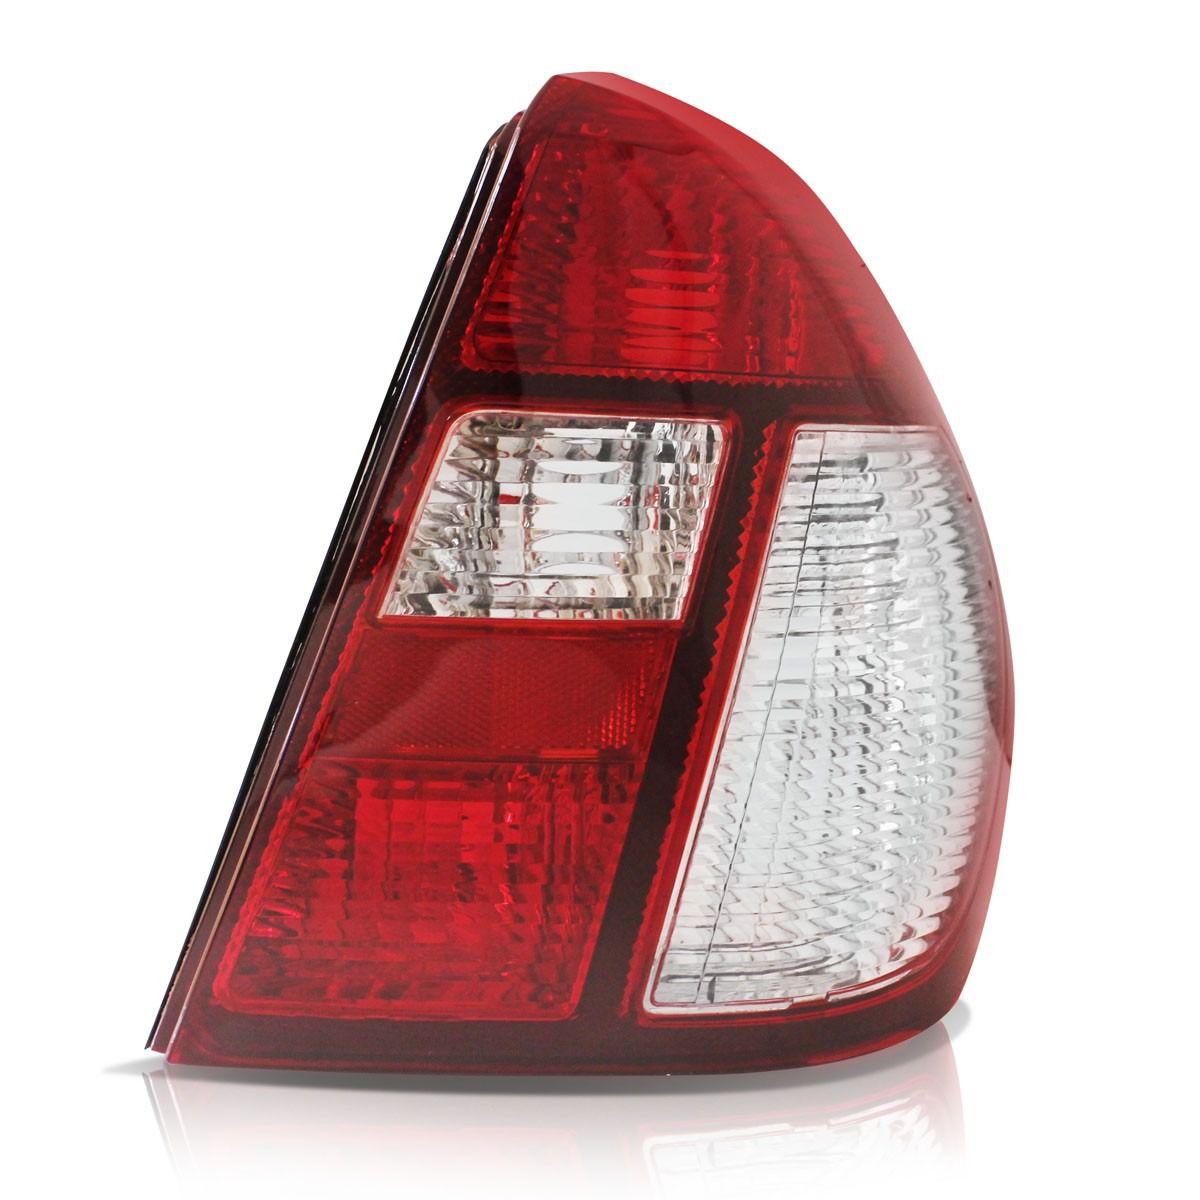 Lanterna Traseira Clio Sedan 03 04 05 06 07 08 09 10 Bicolor